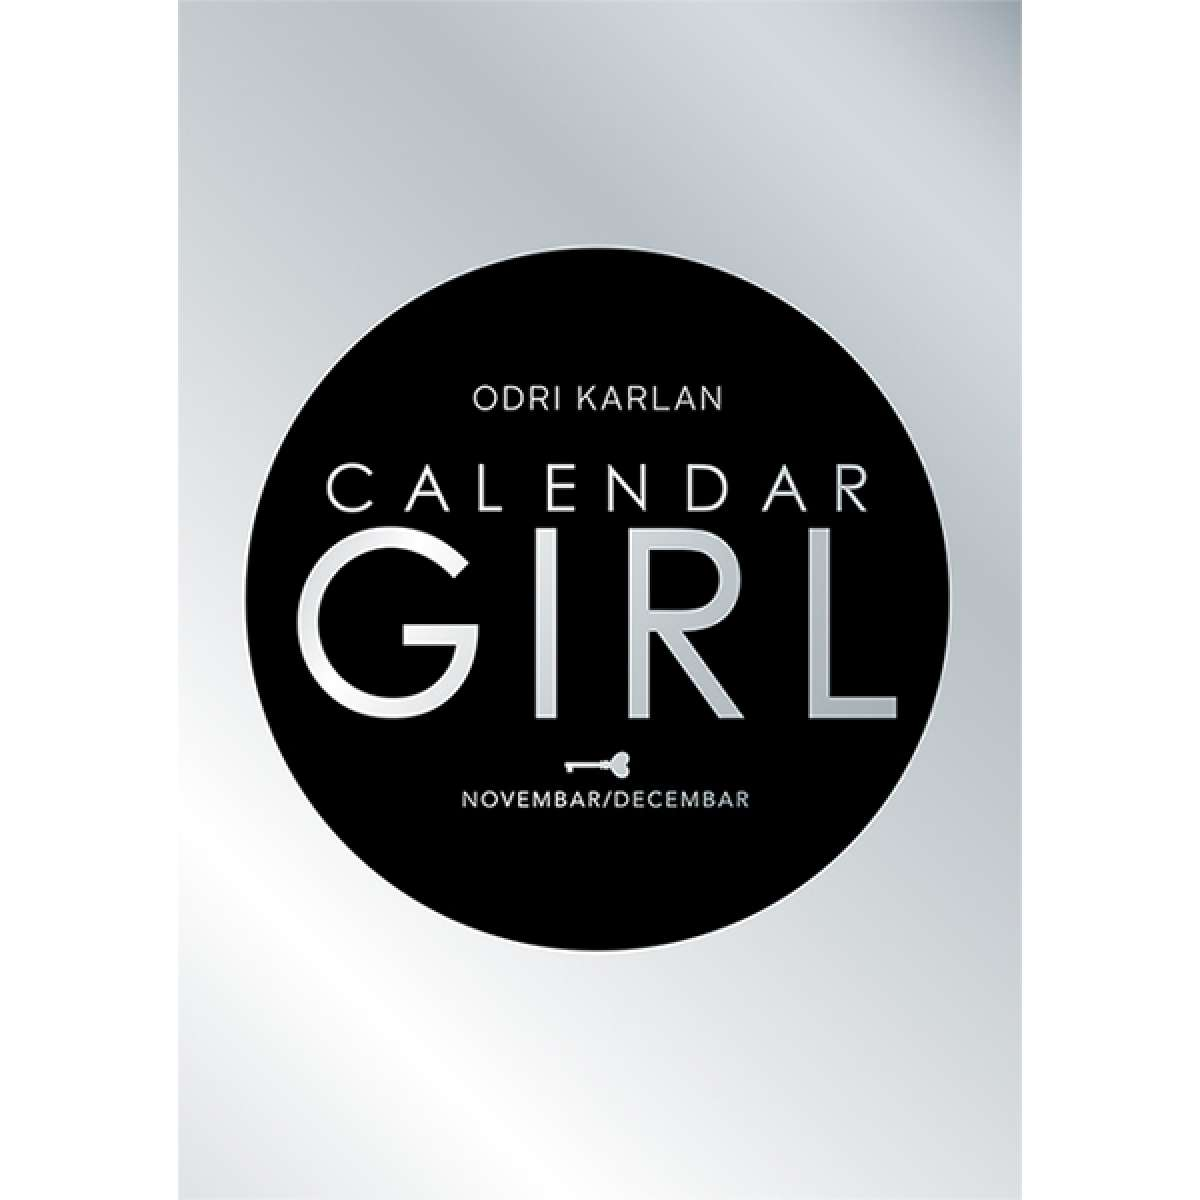 CALENDAR GIRL: NOVEMBAR/DECEMBAR